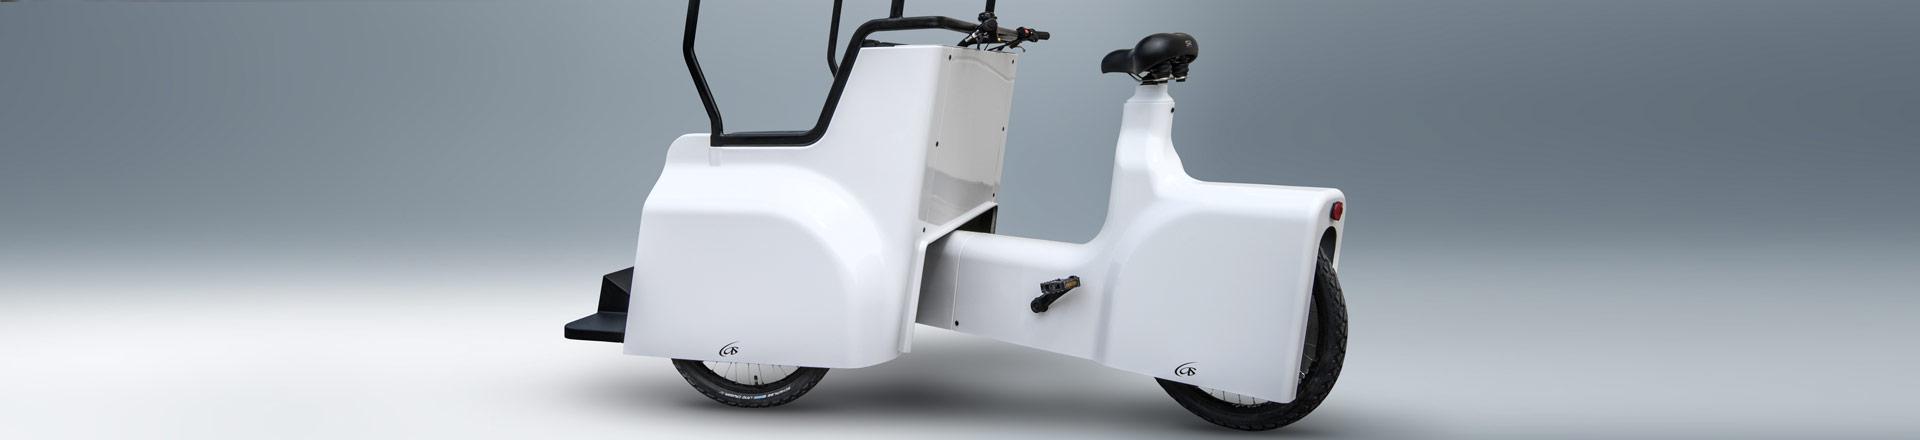 Riksza Lotta - pojazd ekologiczny